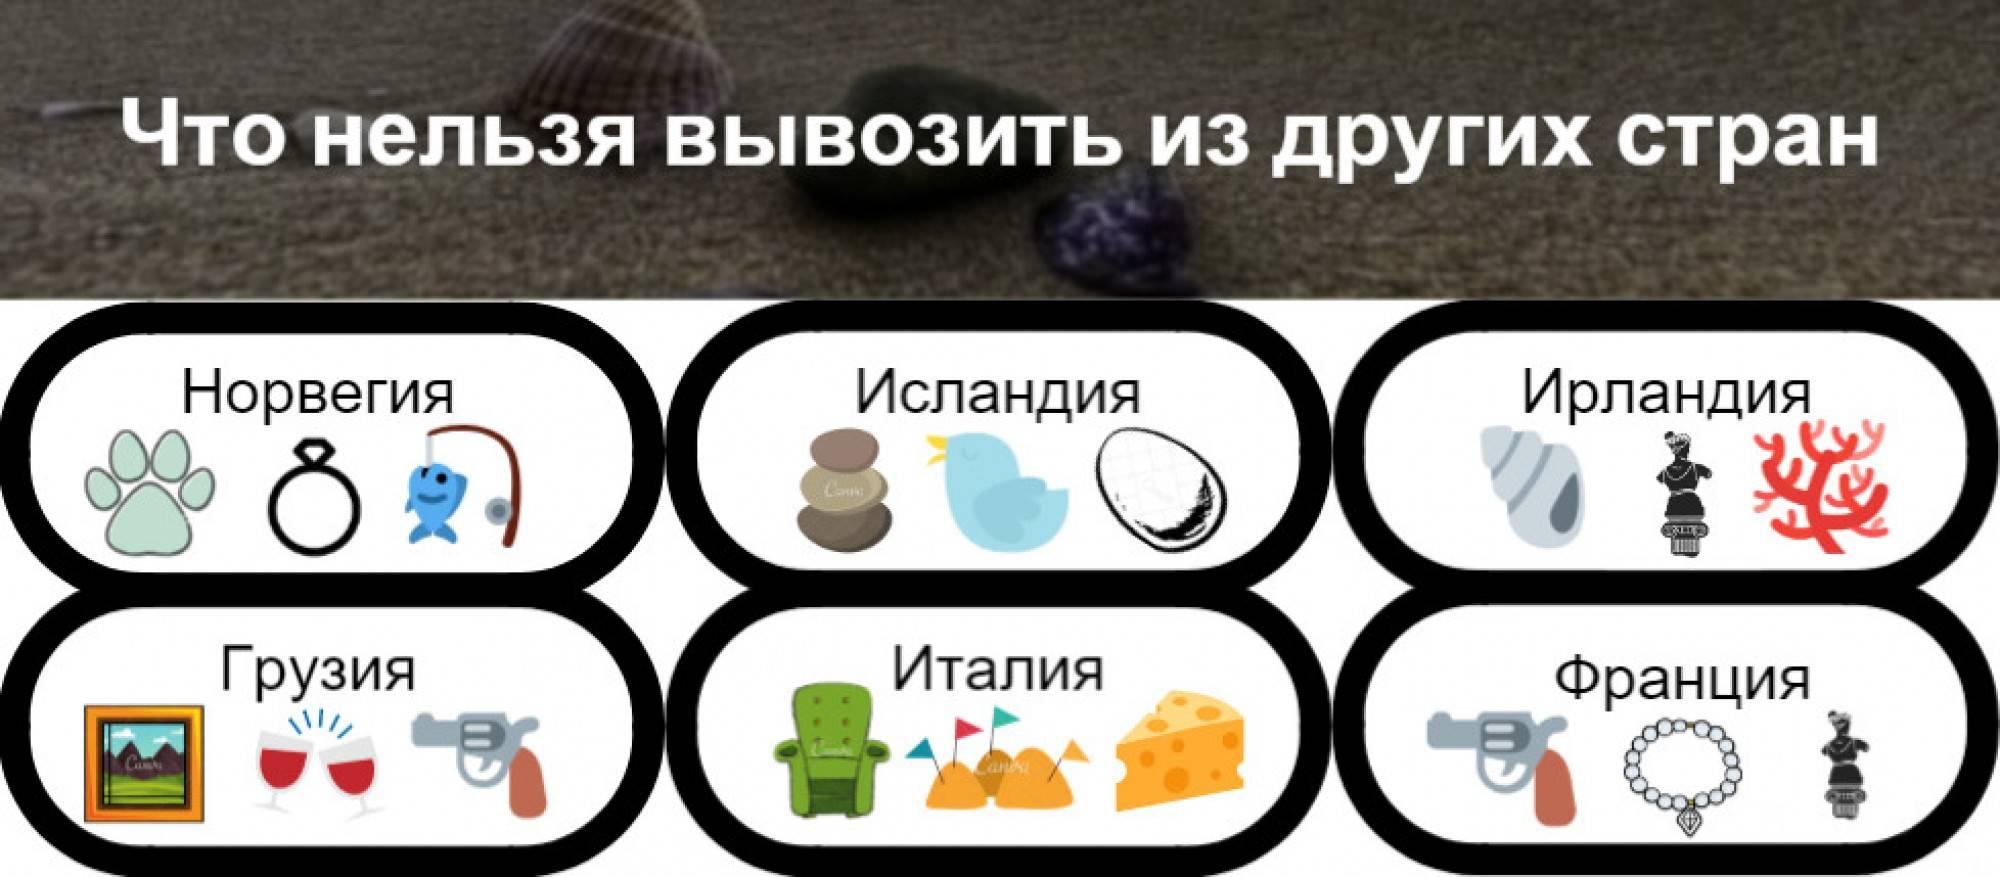 Ввоз товаров в россию: что можно, а что нельзя